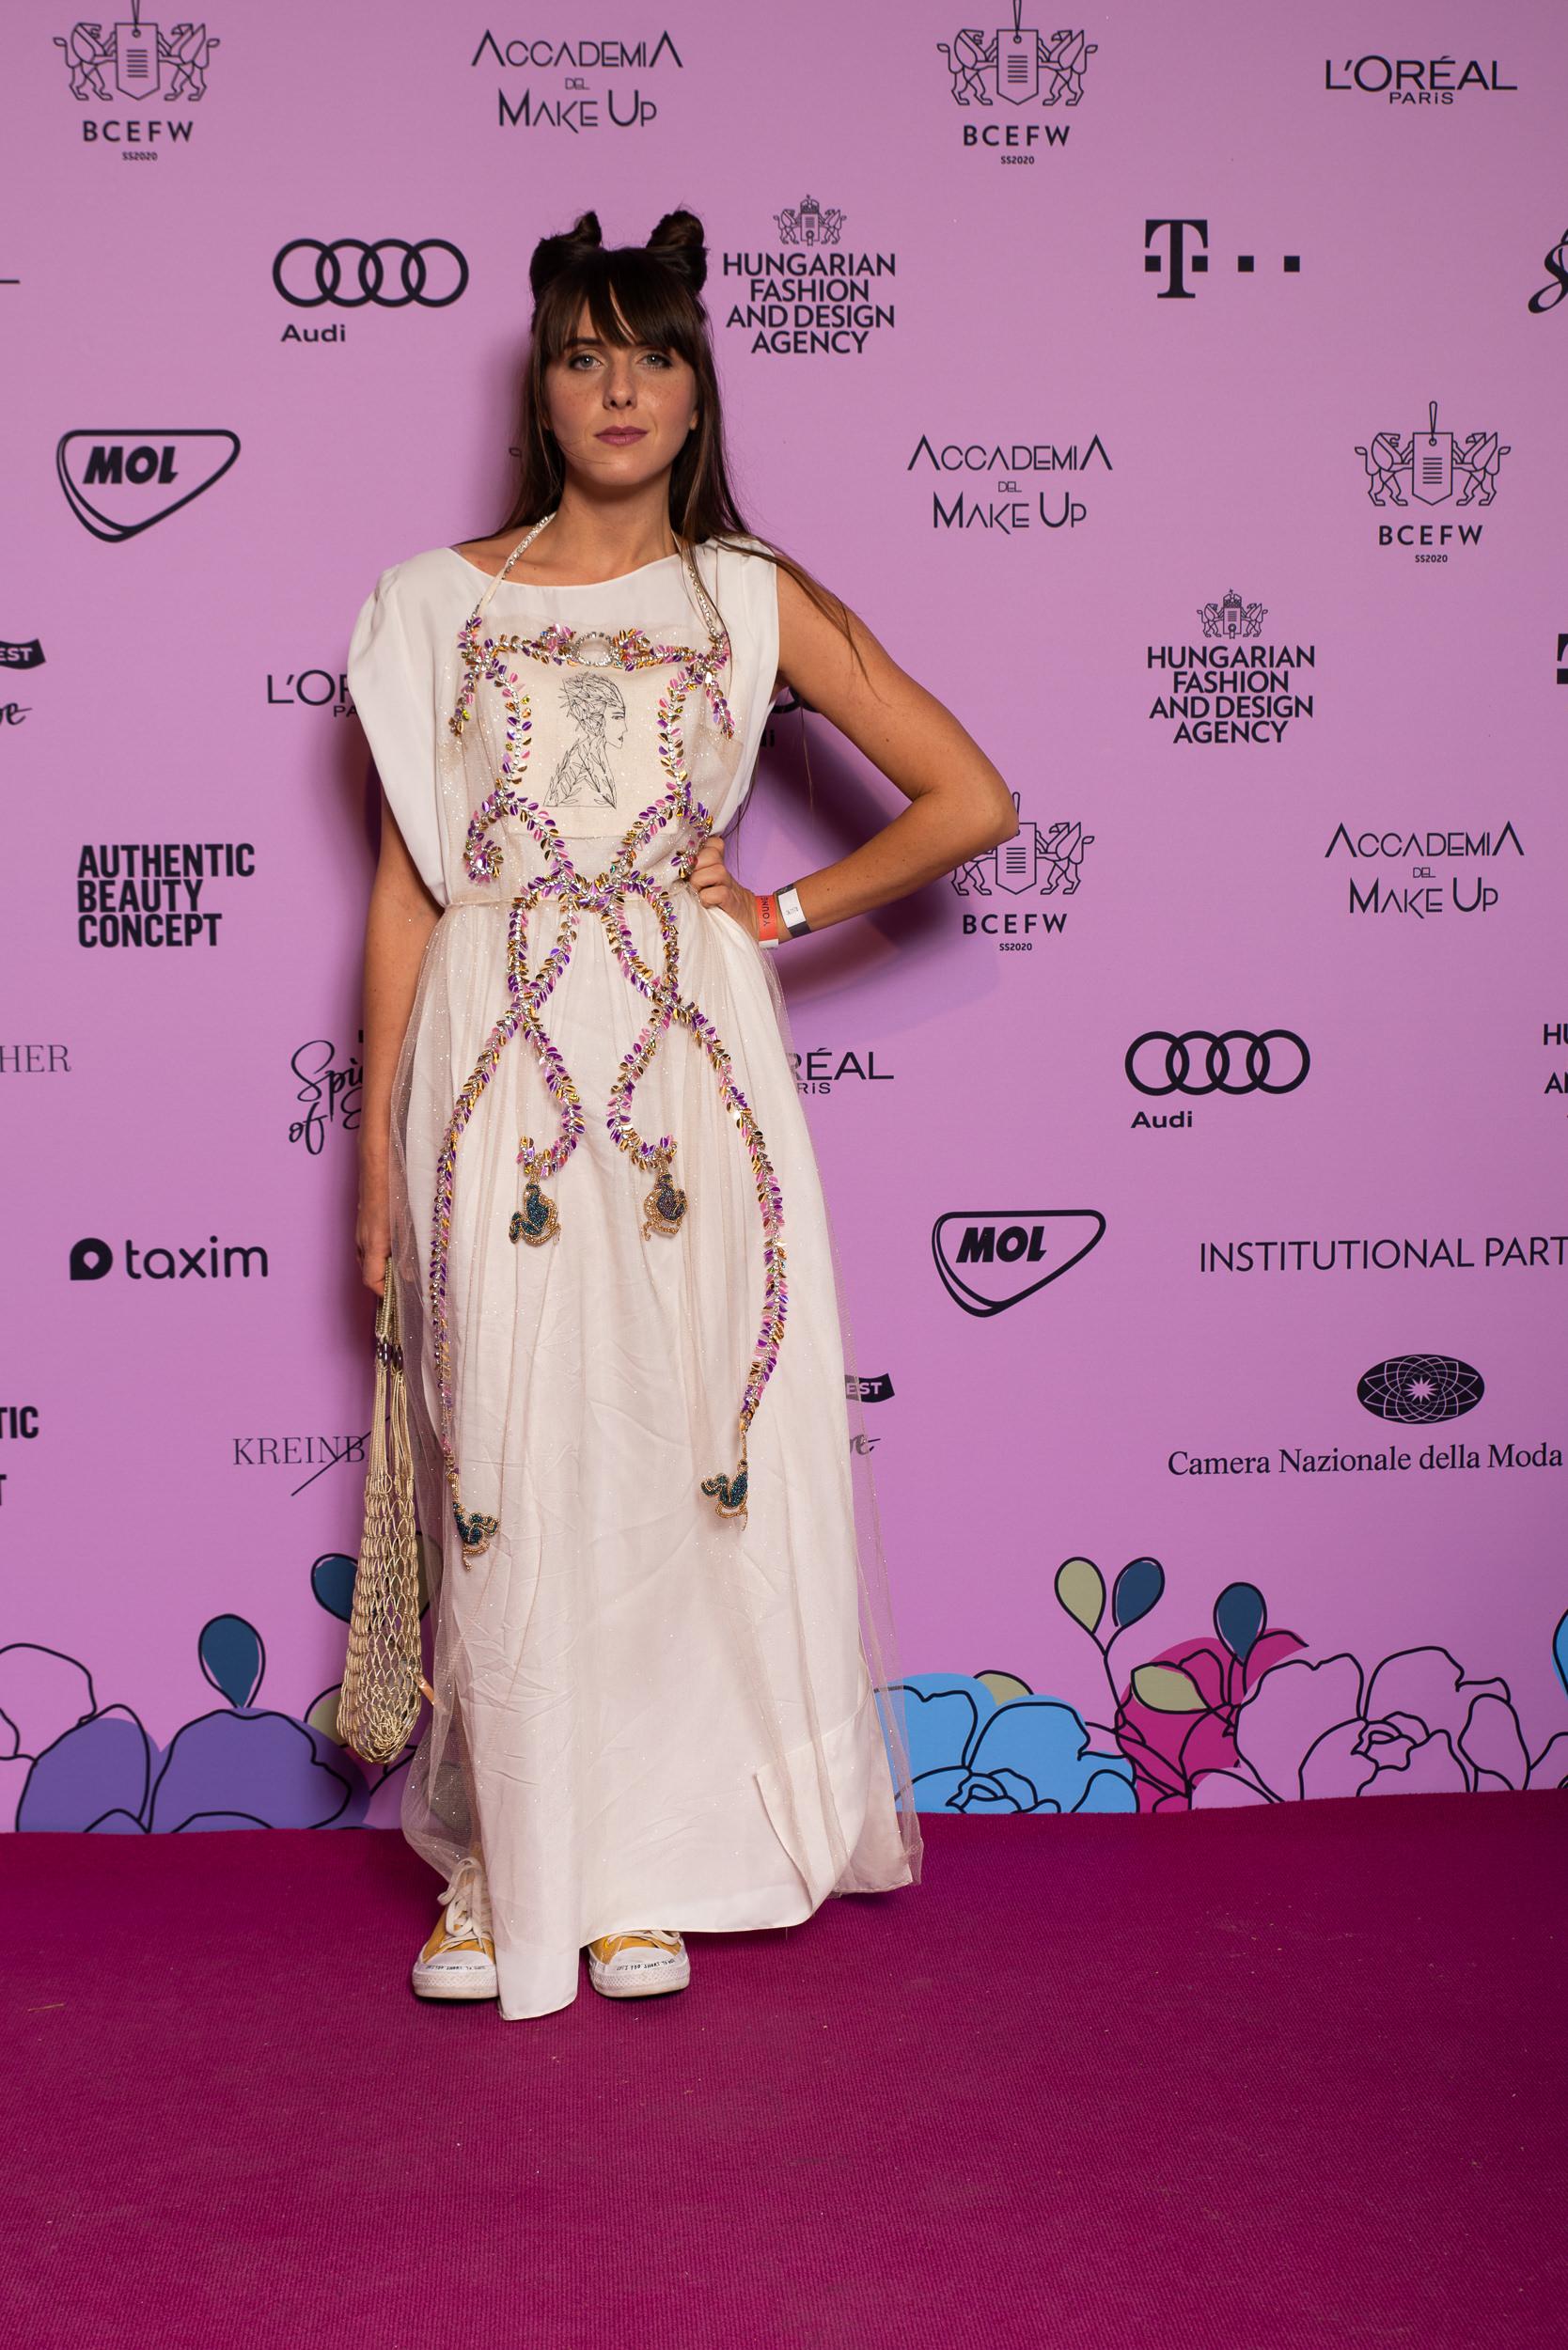 Eke Angi Je Suis Belle ruhát vett fel a Young Talents show-ra